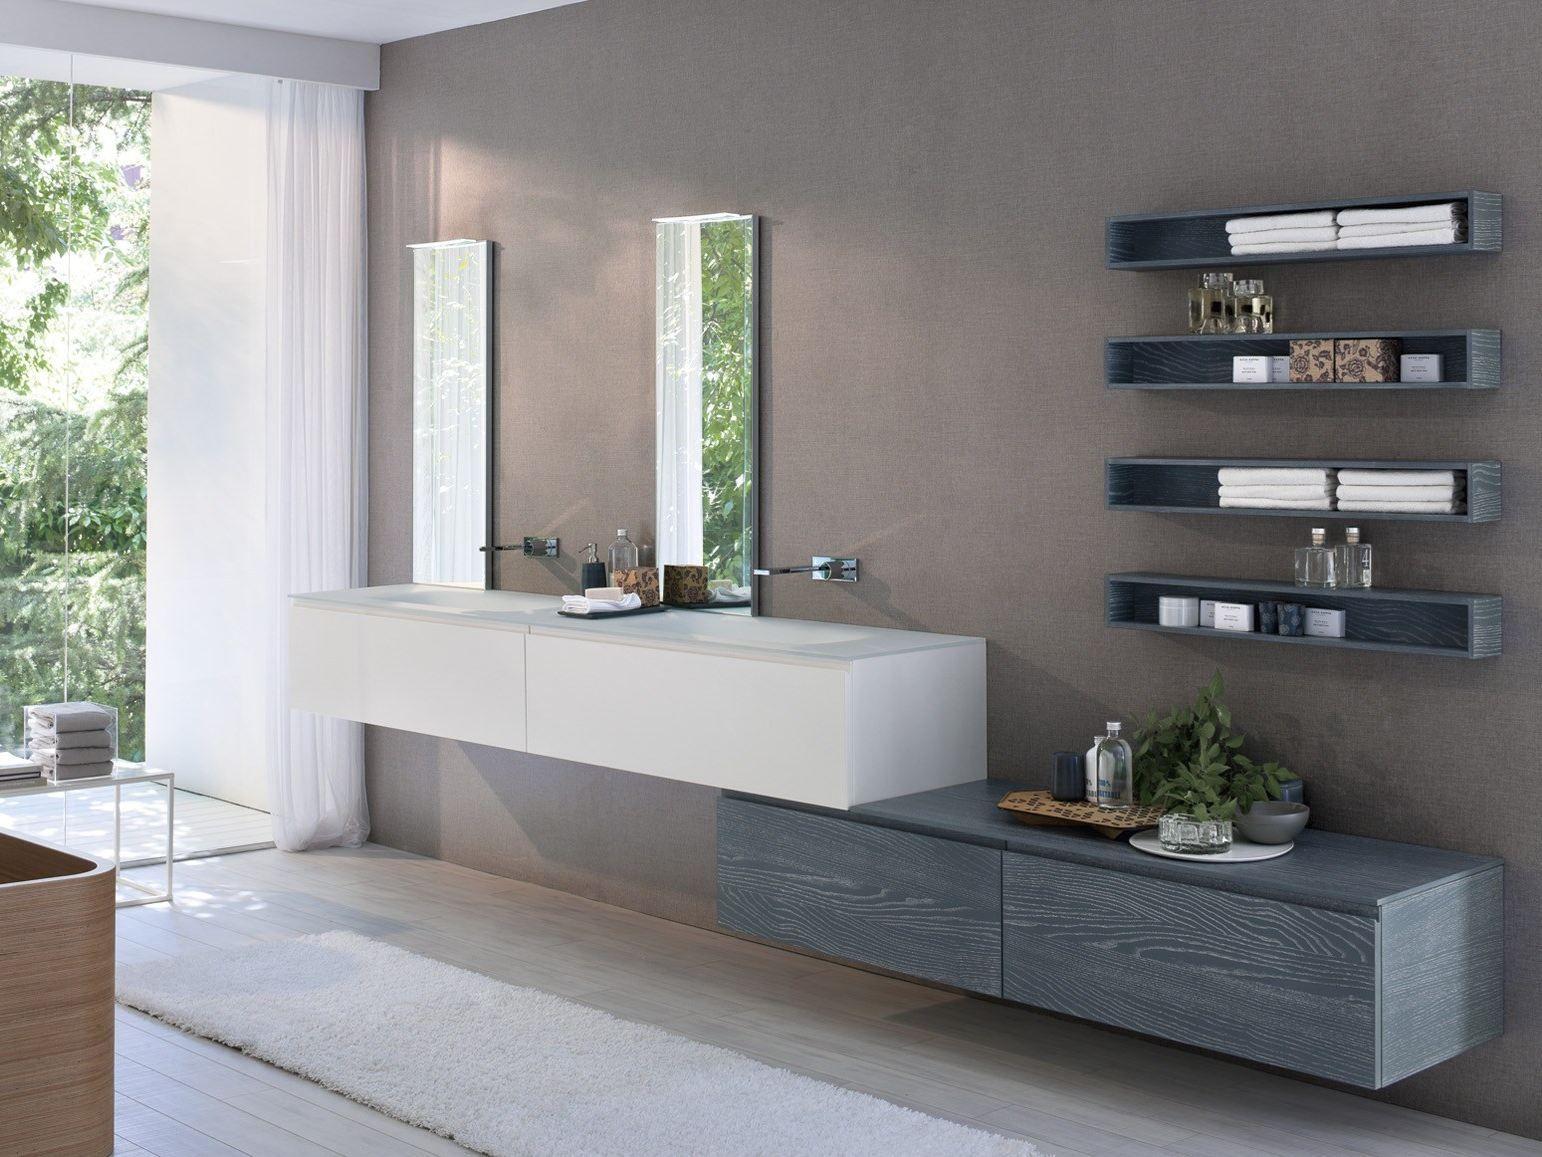 arredo bagno completo comp msp09 by idea - Modelli Arredo Bagno